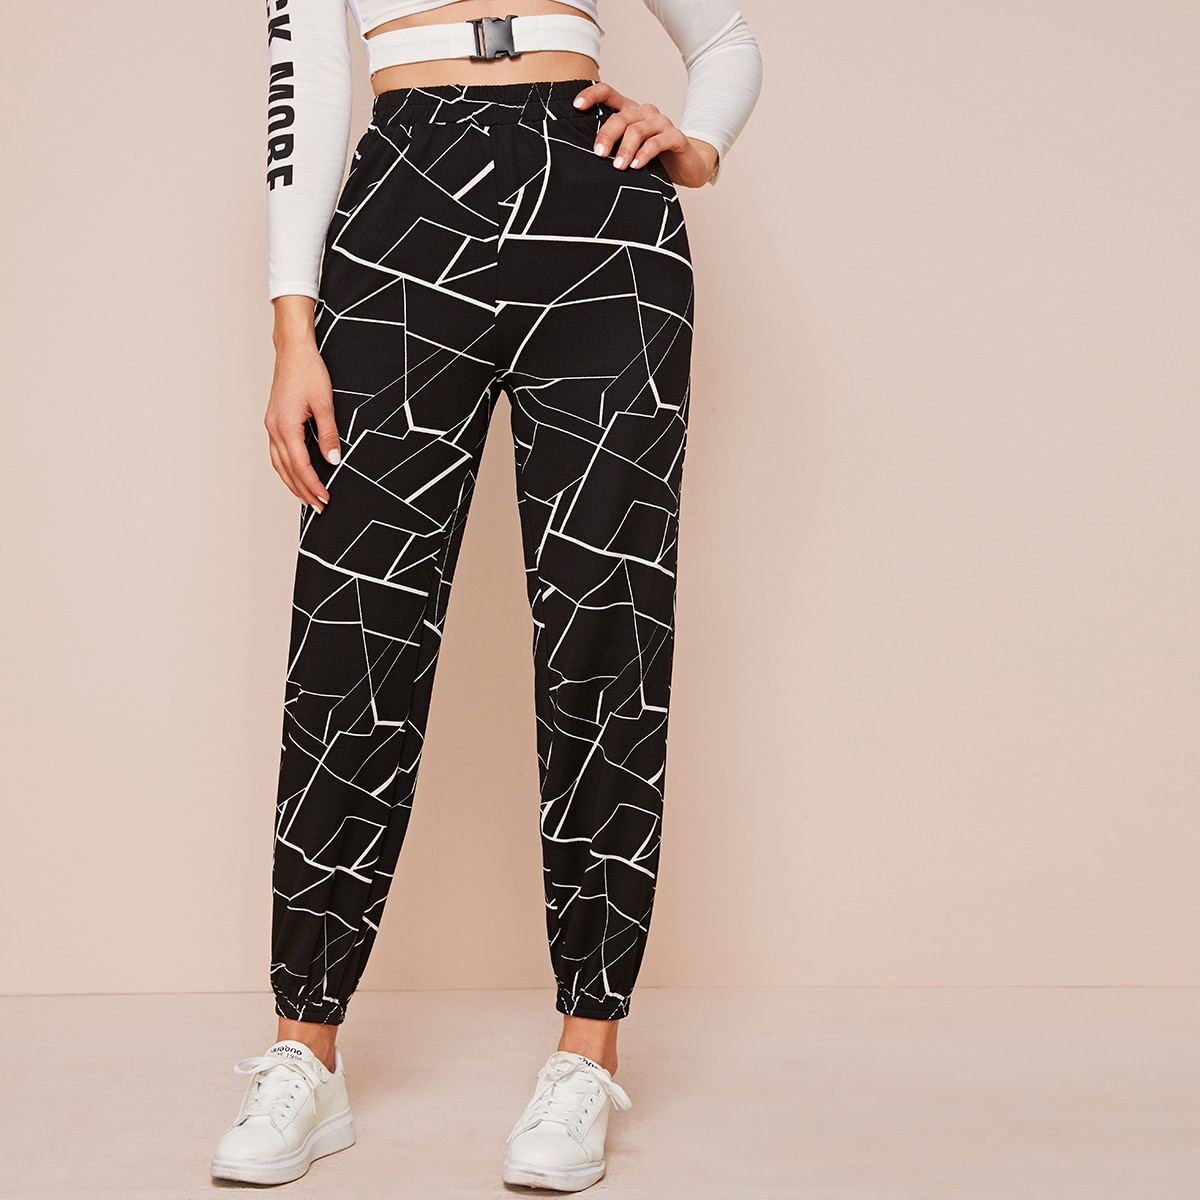 Геометрические спортивные брюки с эластичной талией